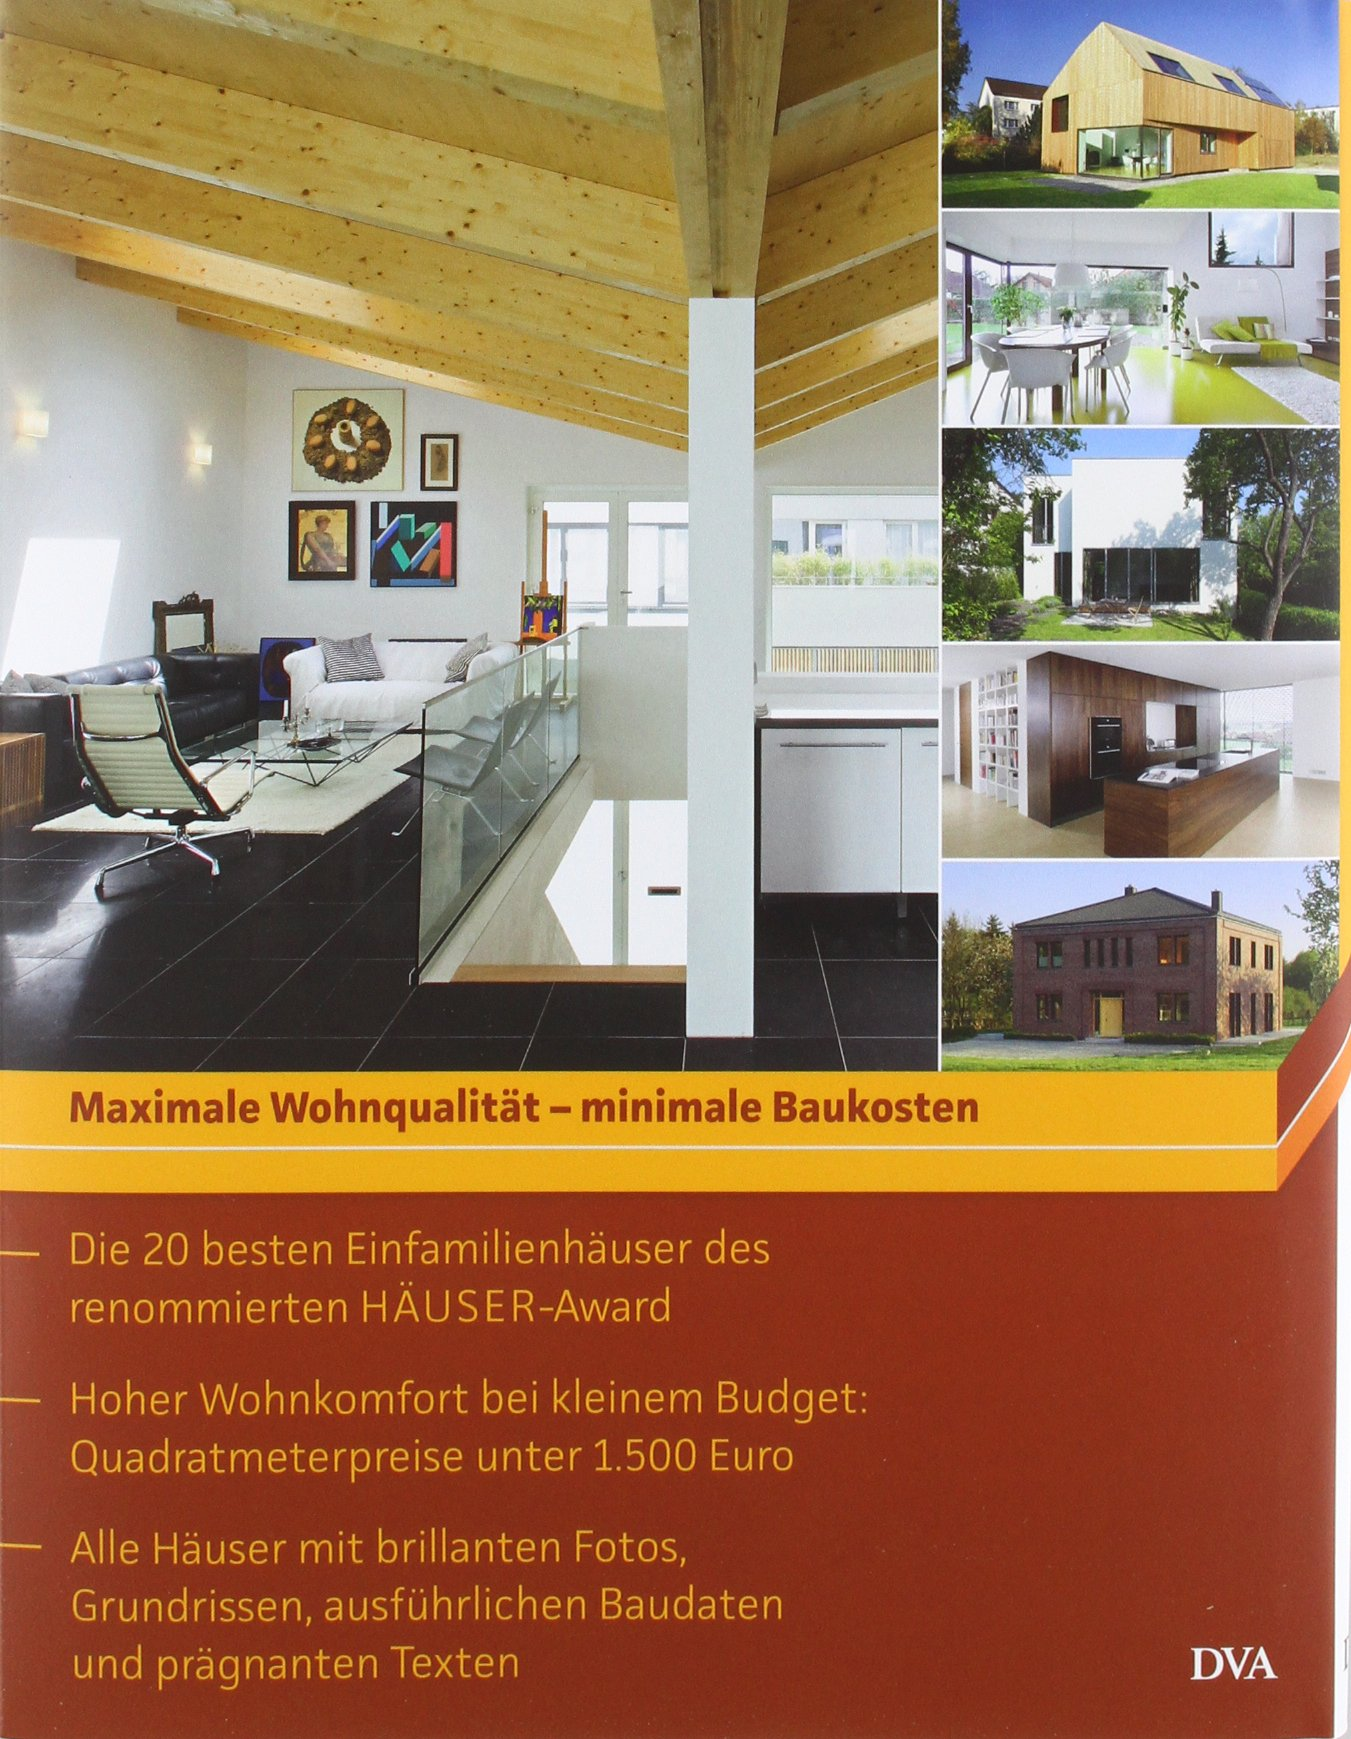 Kostengünstige Einfamilienhäuser unter 1.500 €/m²: Die Besten der ...